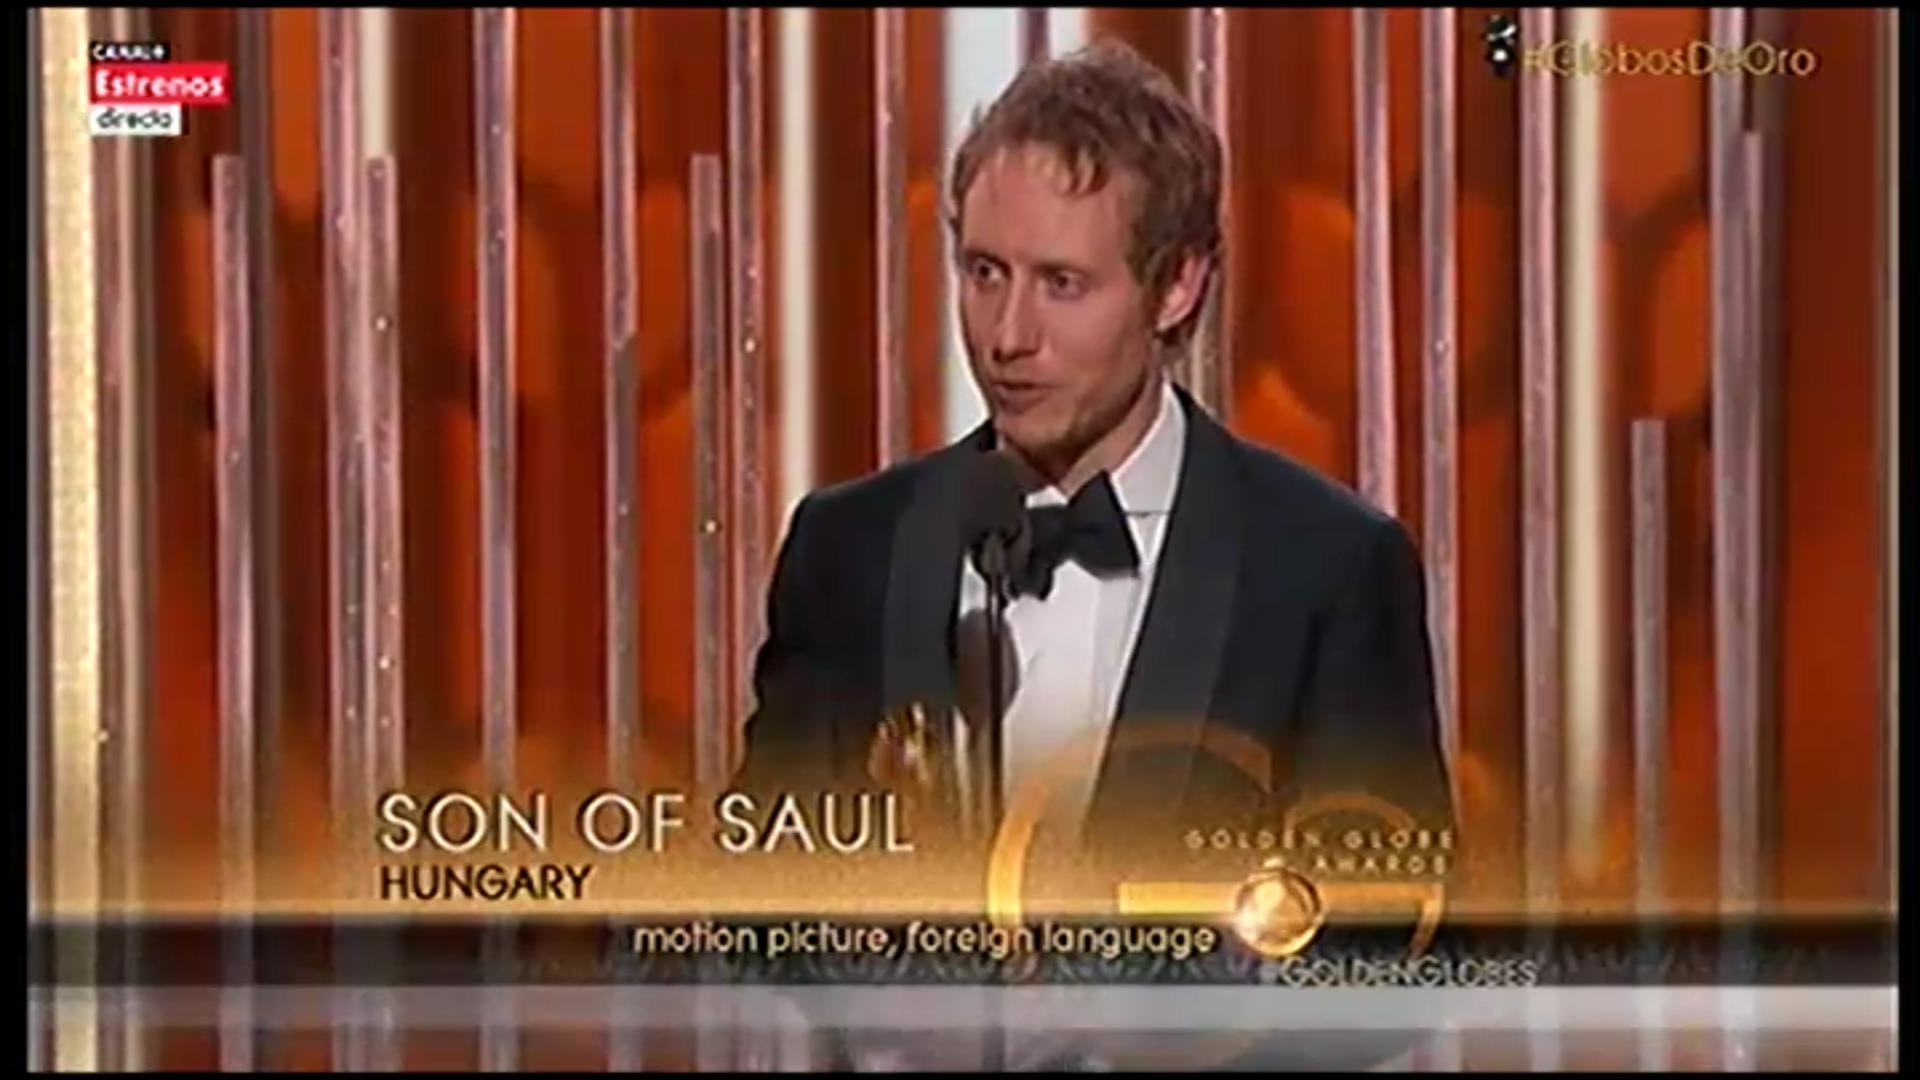 László Nemes, el director de el 'Hijo de Saul', recogiendo el Globo de Oro